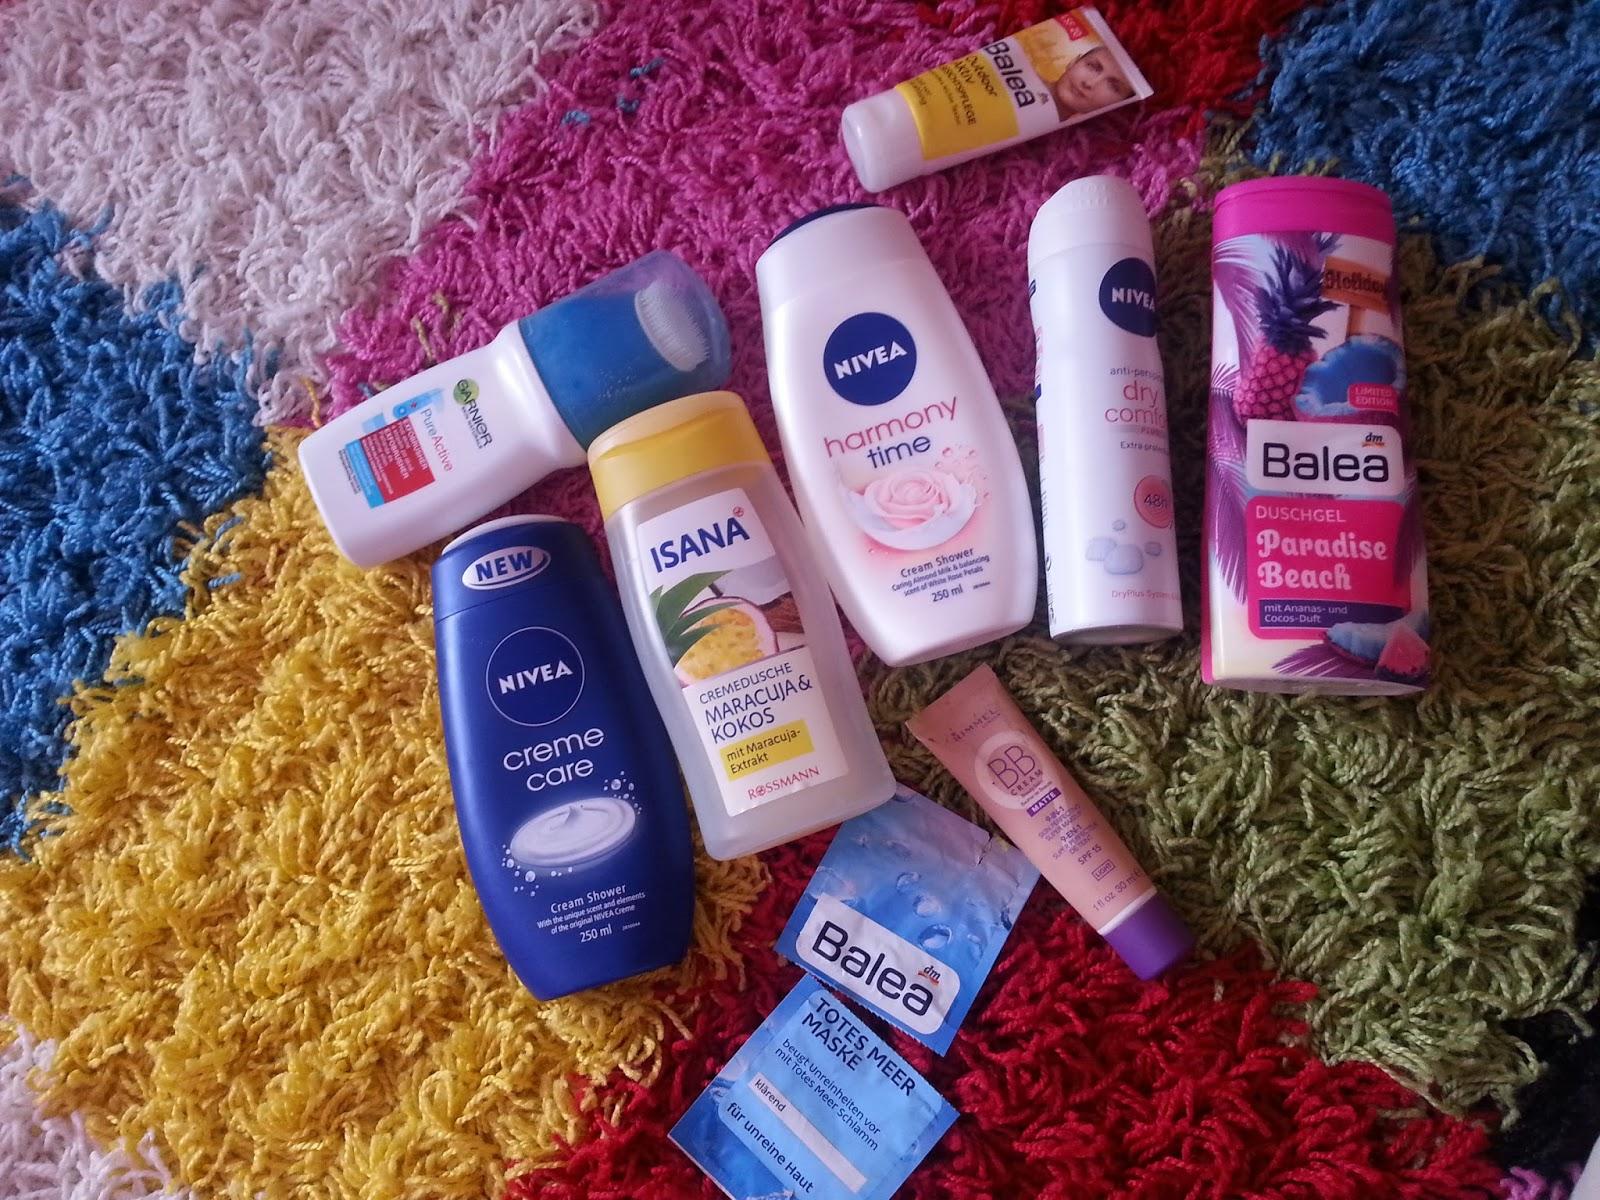 90c6af1e91 Mivel engem is ledöntött a betegség(influenza blah ._.) pihentetés gyanánt  összegyűjtöttem nektek pár terméket amiket elhasználtam.